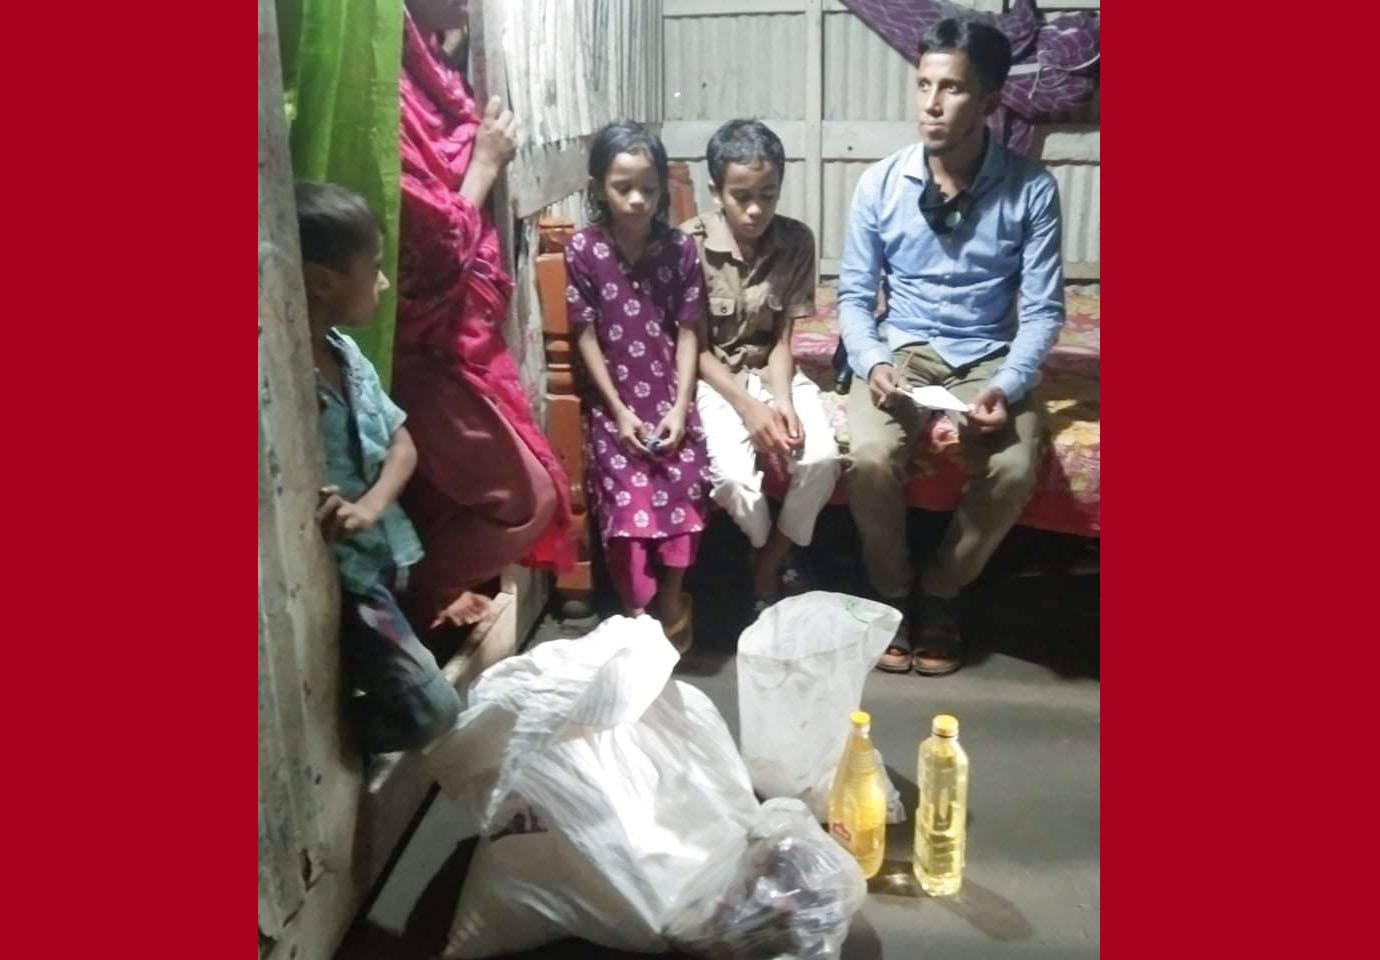 আসামী গ্রেপ্তারের পরে তার ঘরে খাদ্য সহায়তা দিলো পুলিশ